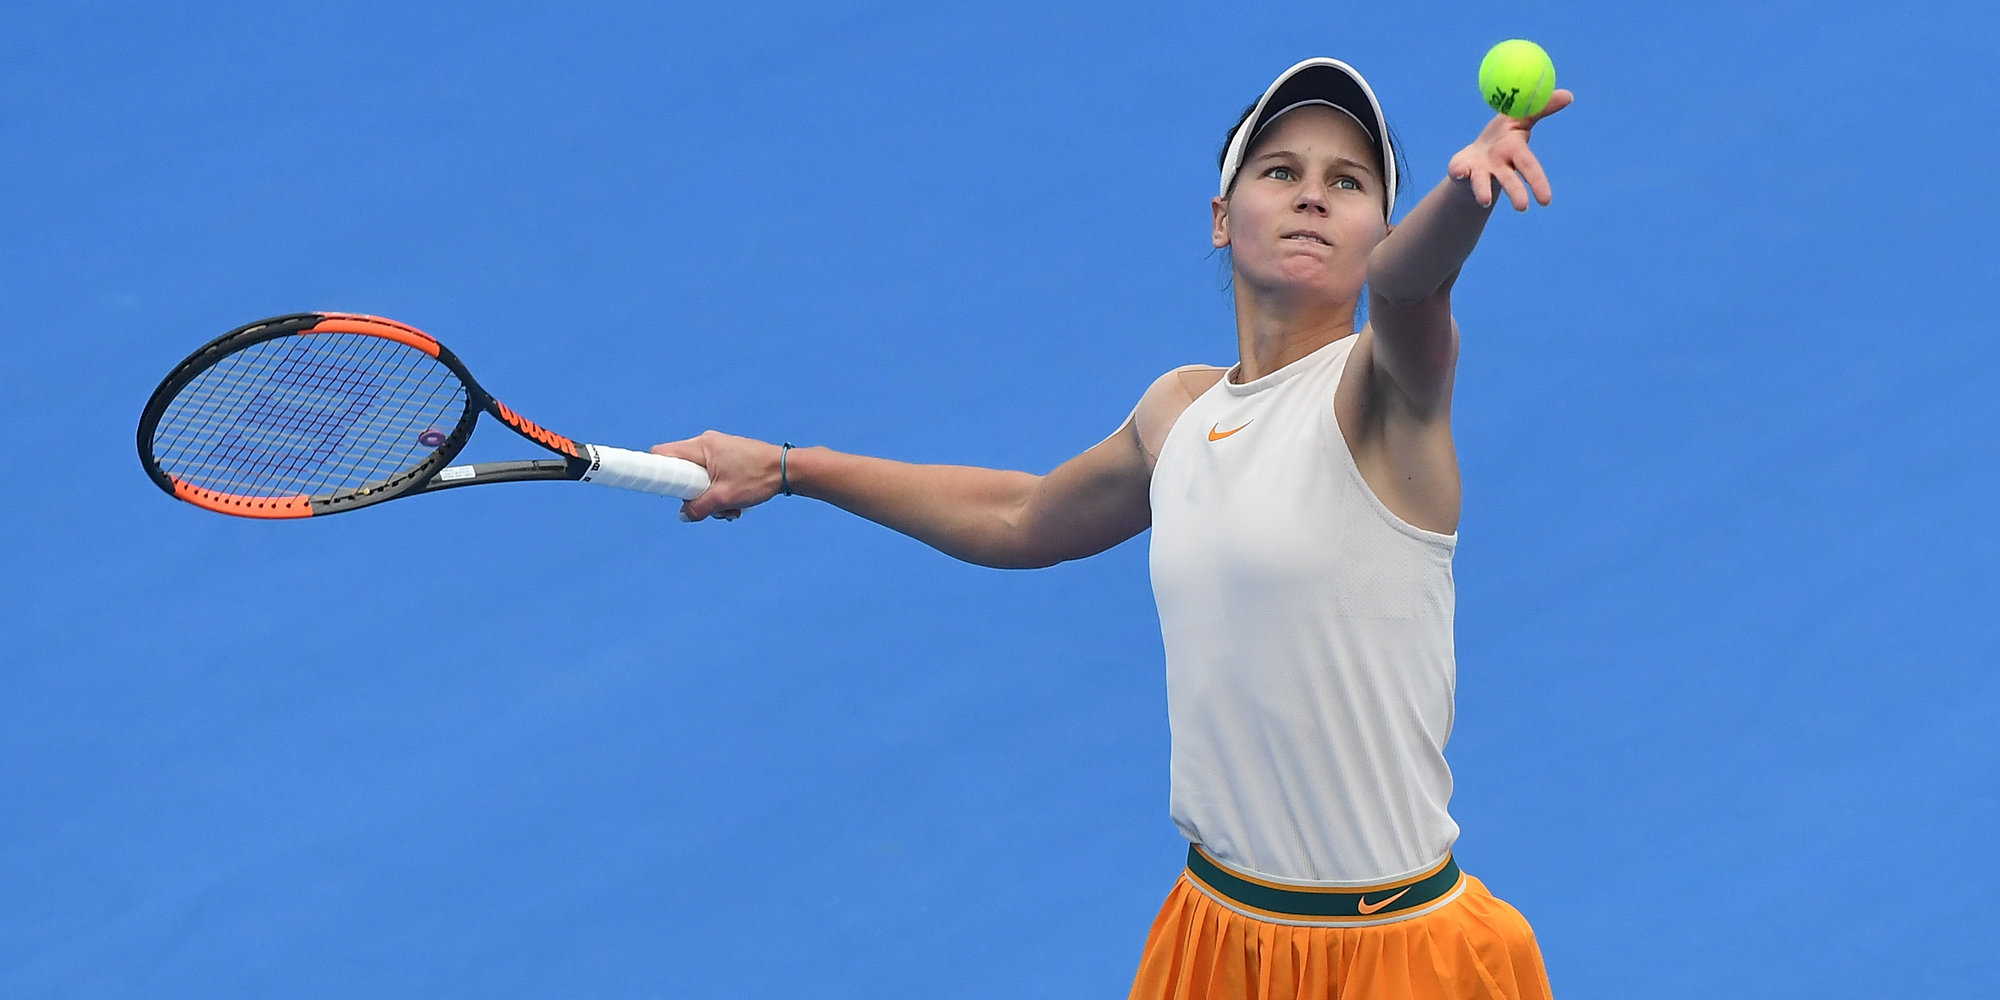 Кудерметова вышла в третий круг турнира в Китае